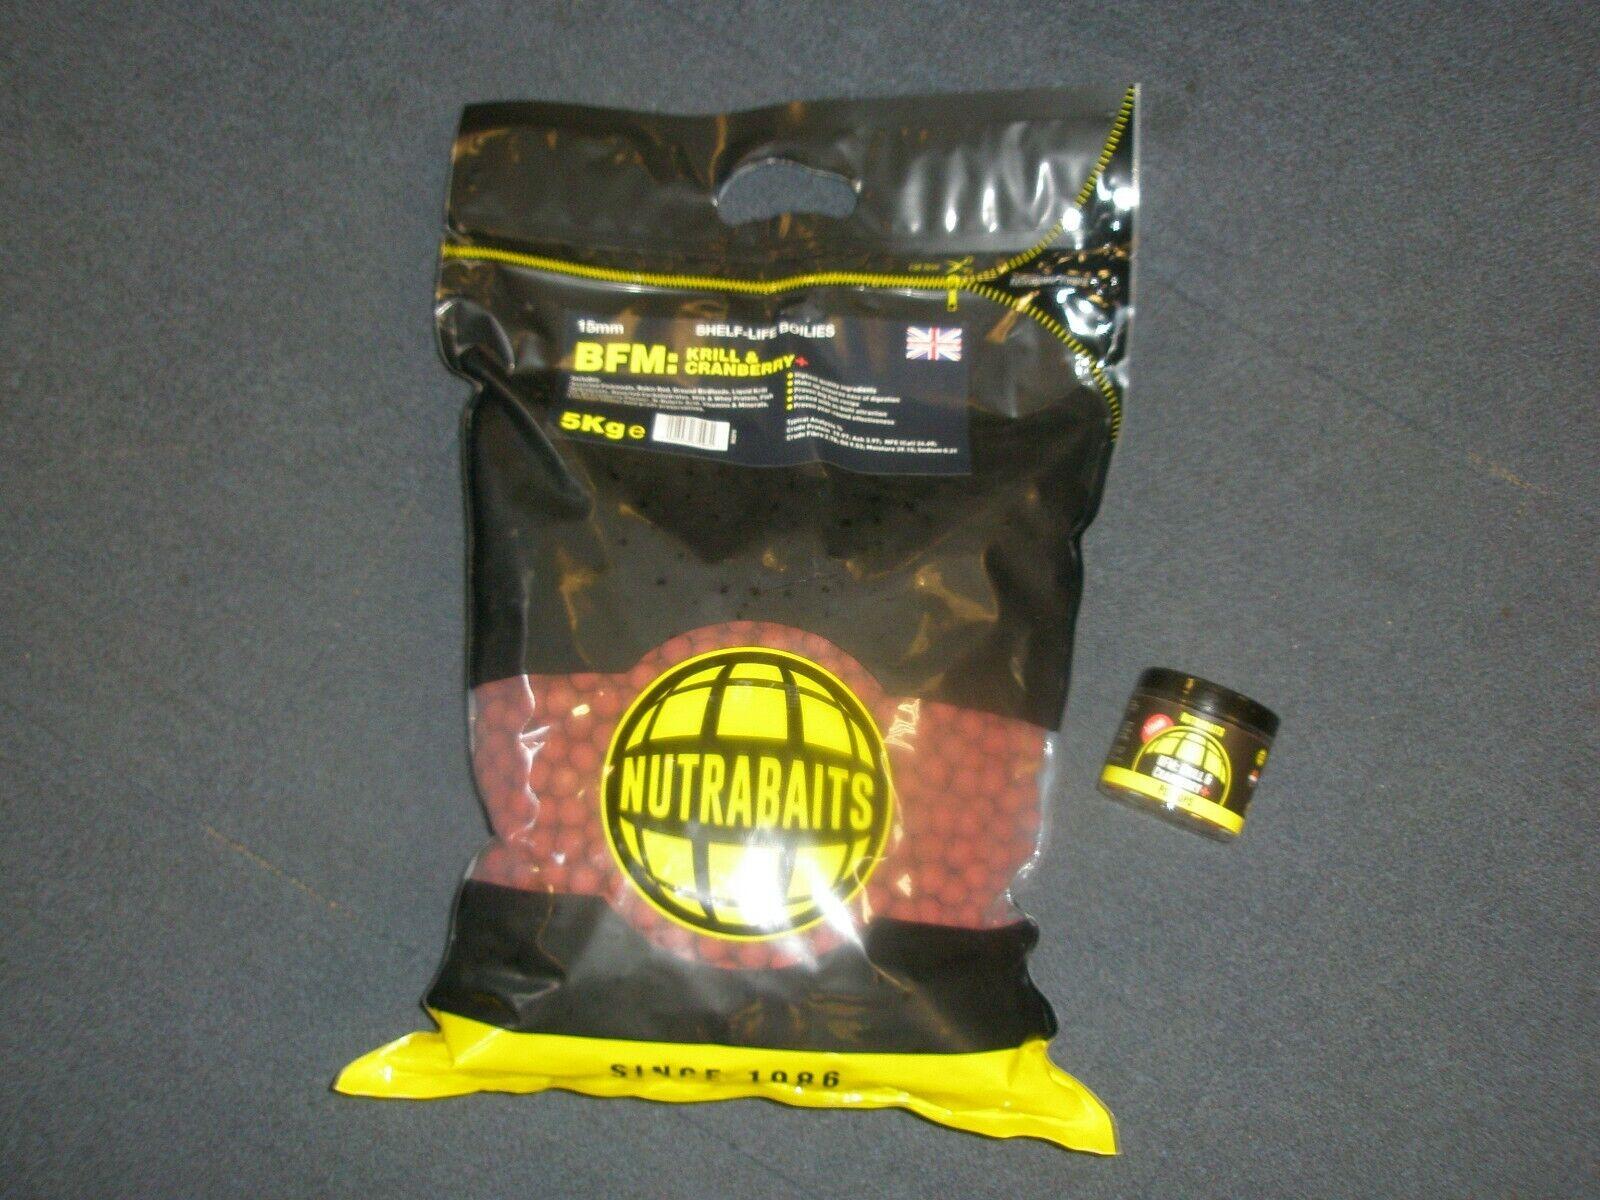 Nutrabaits 5kg BFM Krill + Cranberry 15mm Boilie + Pop up deal